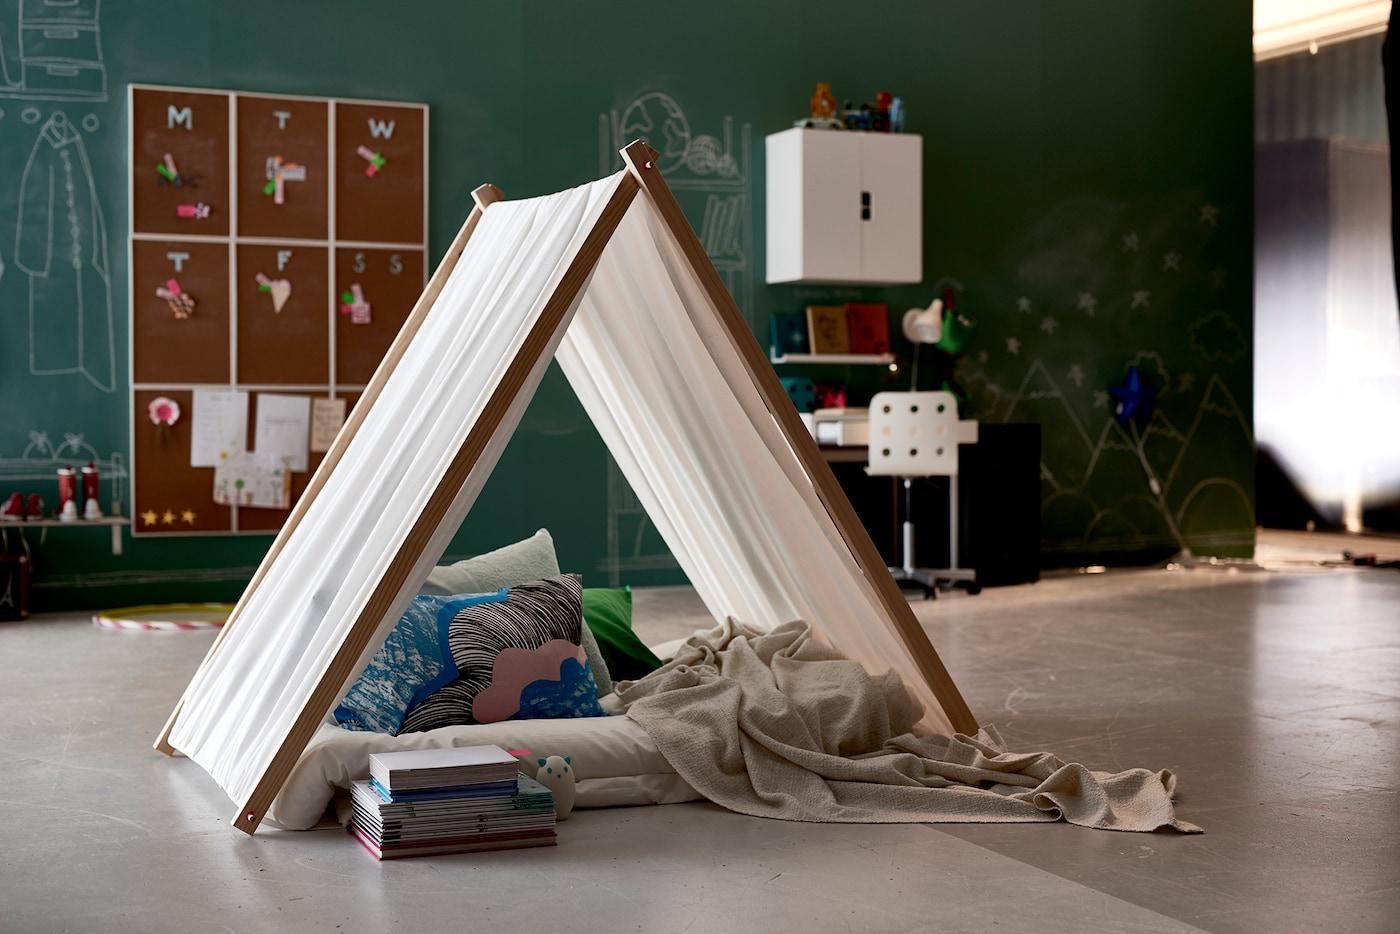 Selbstgemachtes aus Stoff & Holz gemachtes Tipi in einem Kinderzimmer mit kreide-bemahlbaren Wänden